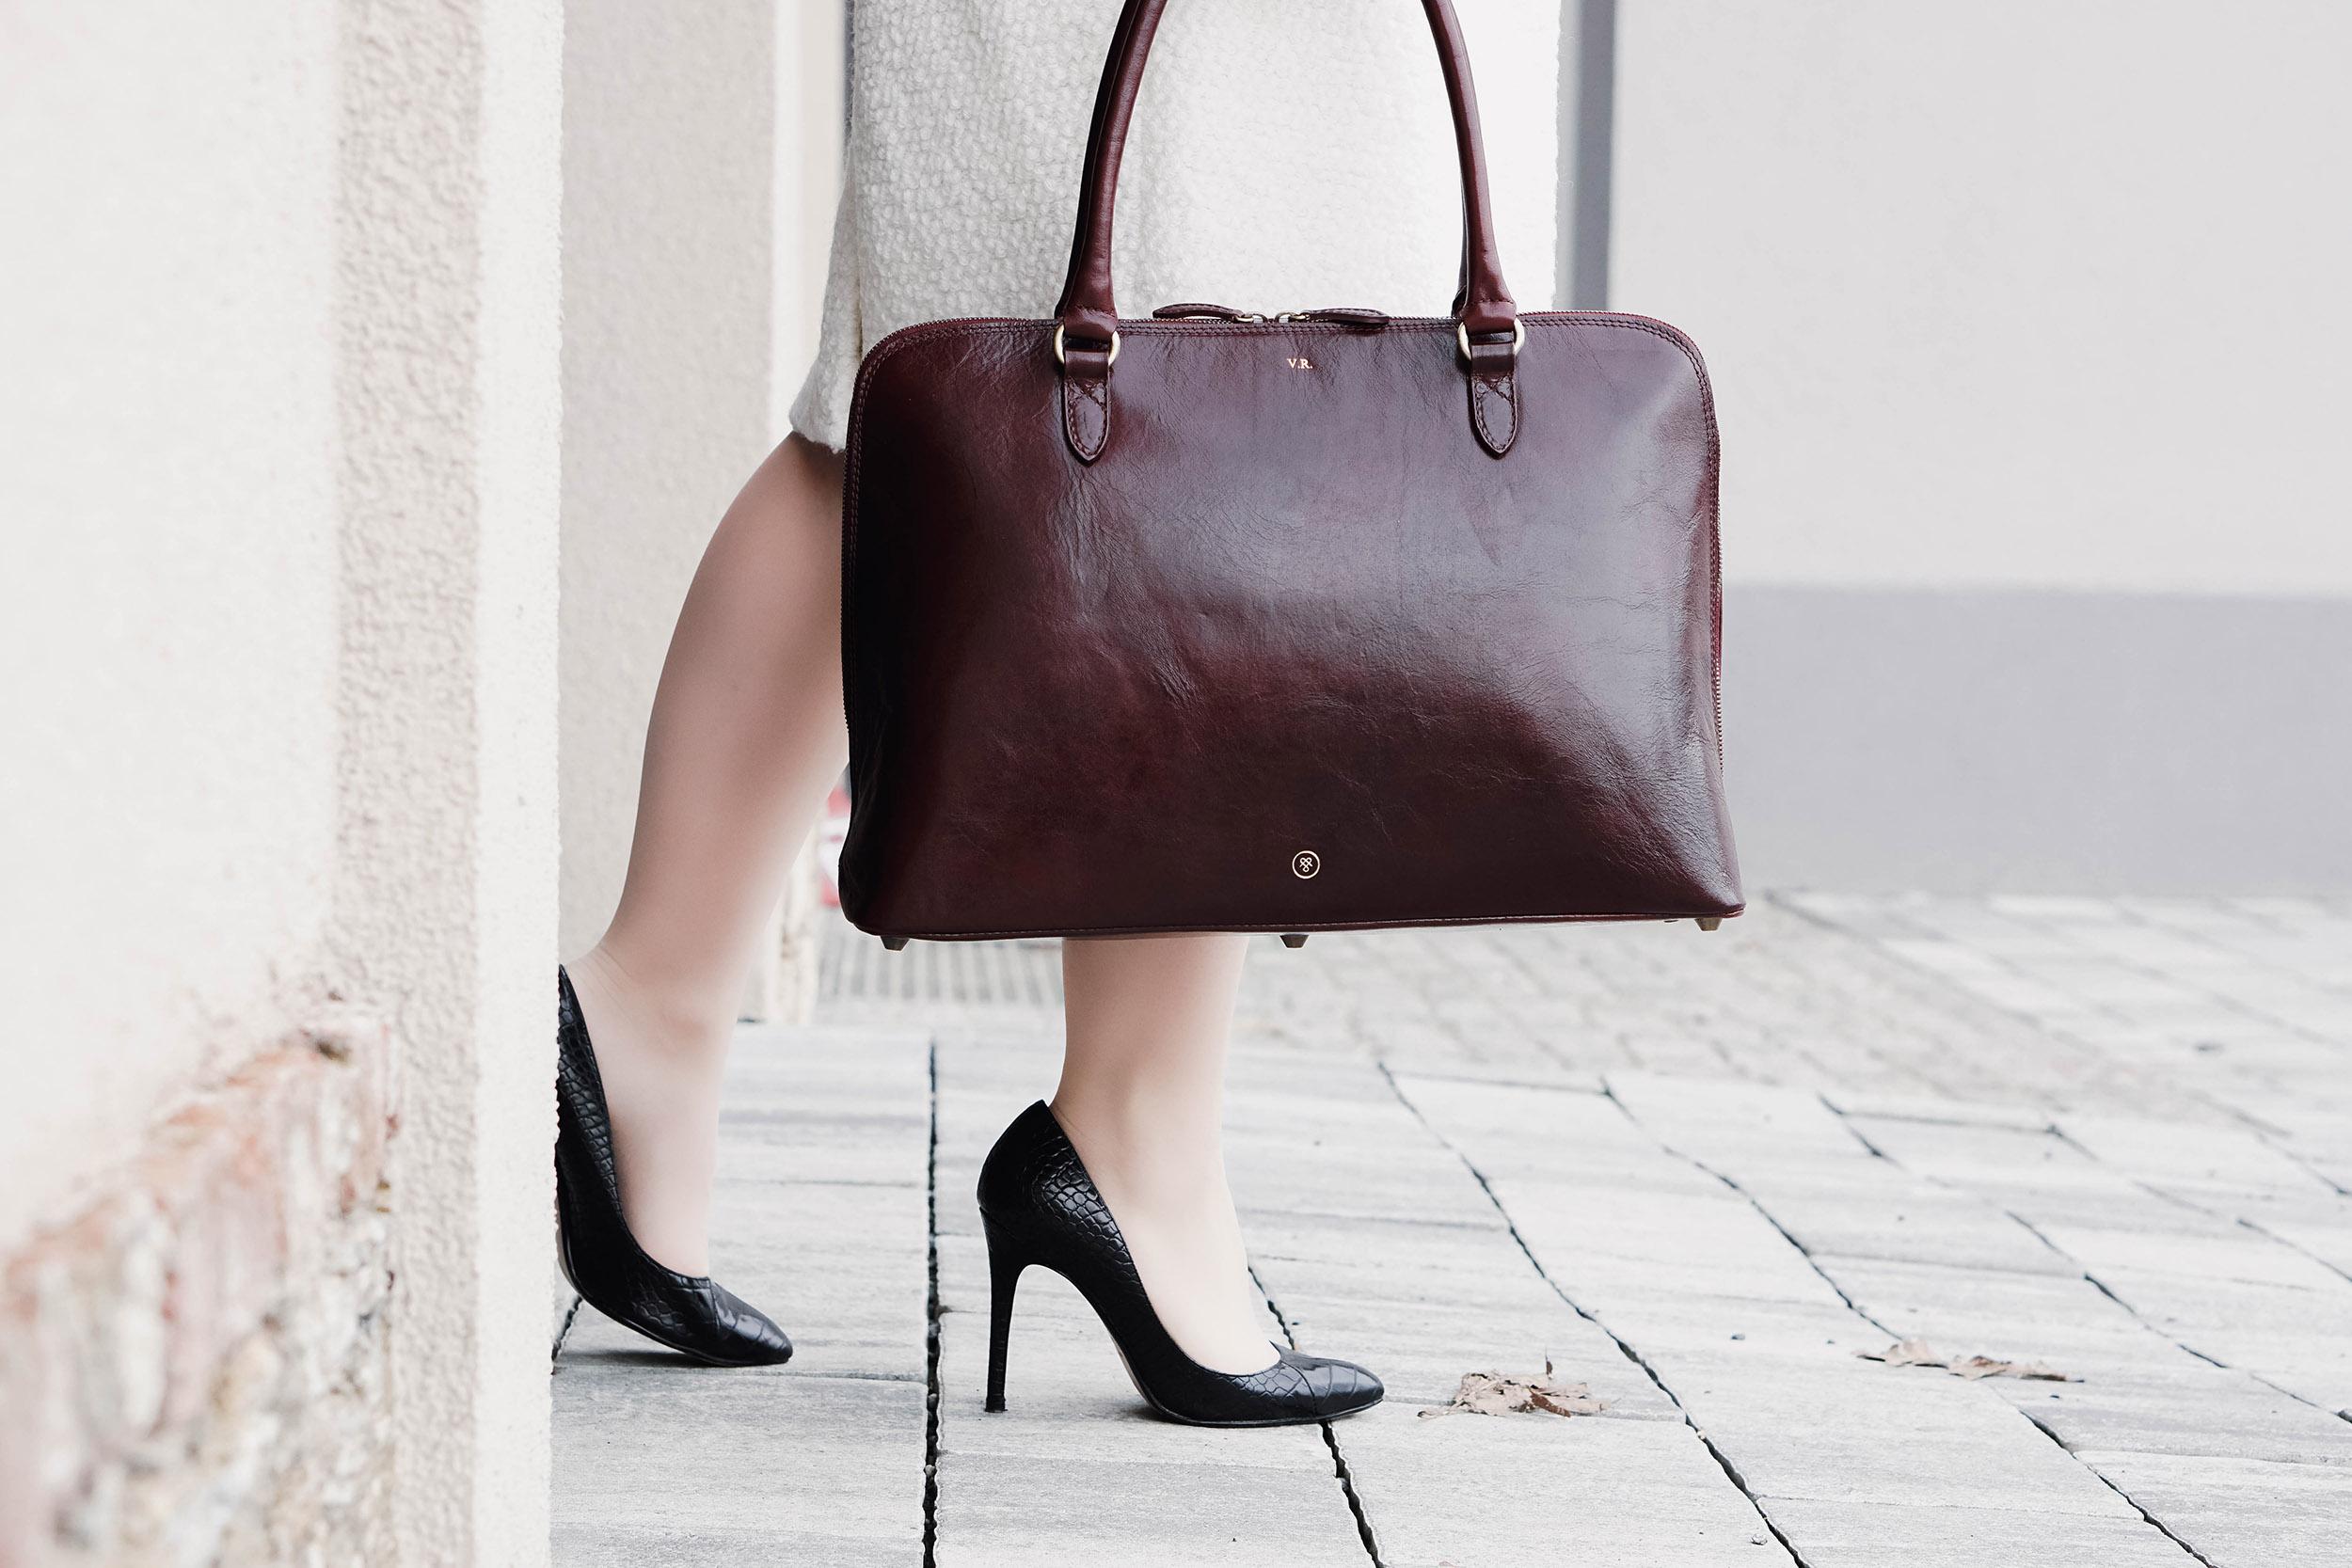 Dieses Büromode Outfit für Powerfrauen vereint gleich zwei Trends in einem: Den kuscheligen Teddy Mangel und das elegante Glencheck Kleid. Zwei Teile, mit denen man sofort gut angezogen ist. Mehr Tipps zu den Themen Frauen, Selbständigkeit, Karriere, Zeitmanagement, Büromode, Büroaltag, Produktivität, Work-Life-Balance, Motivation und Organisation findest du bei mir am Blog.